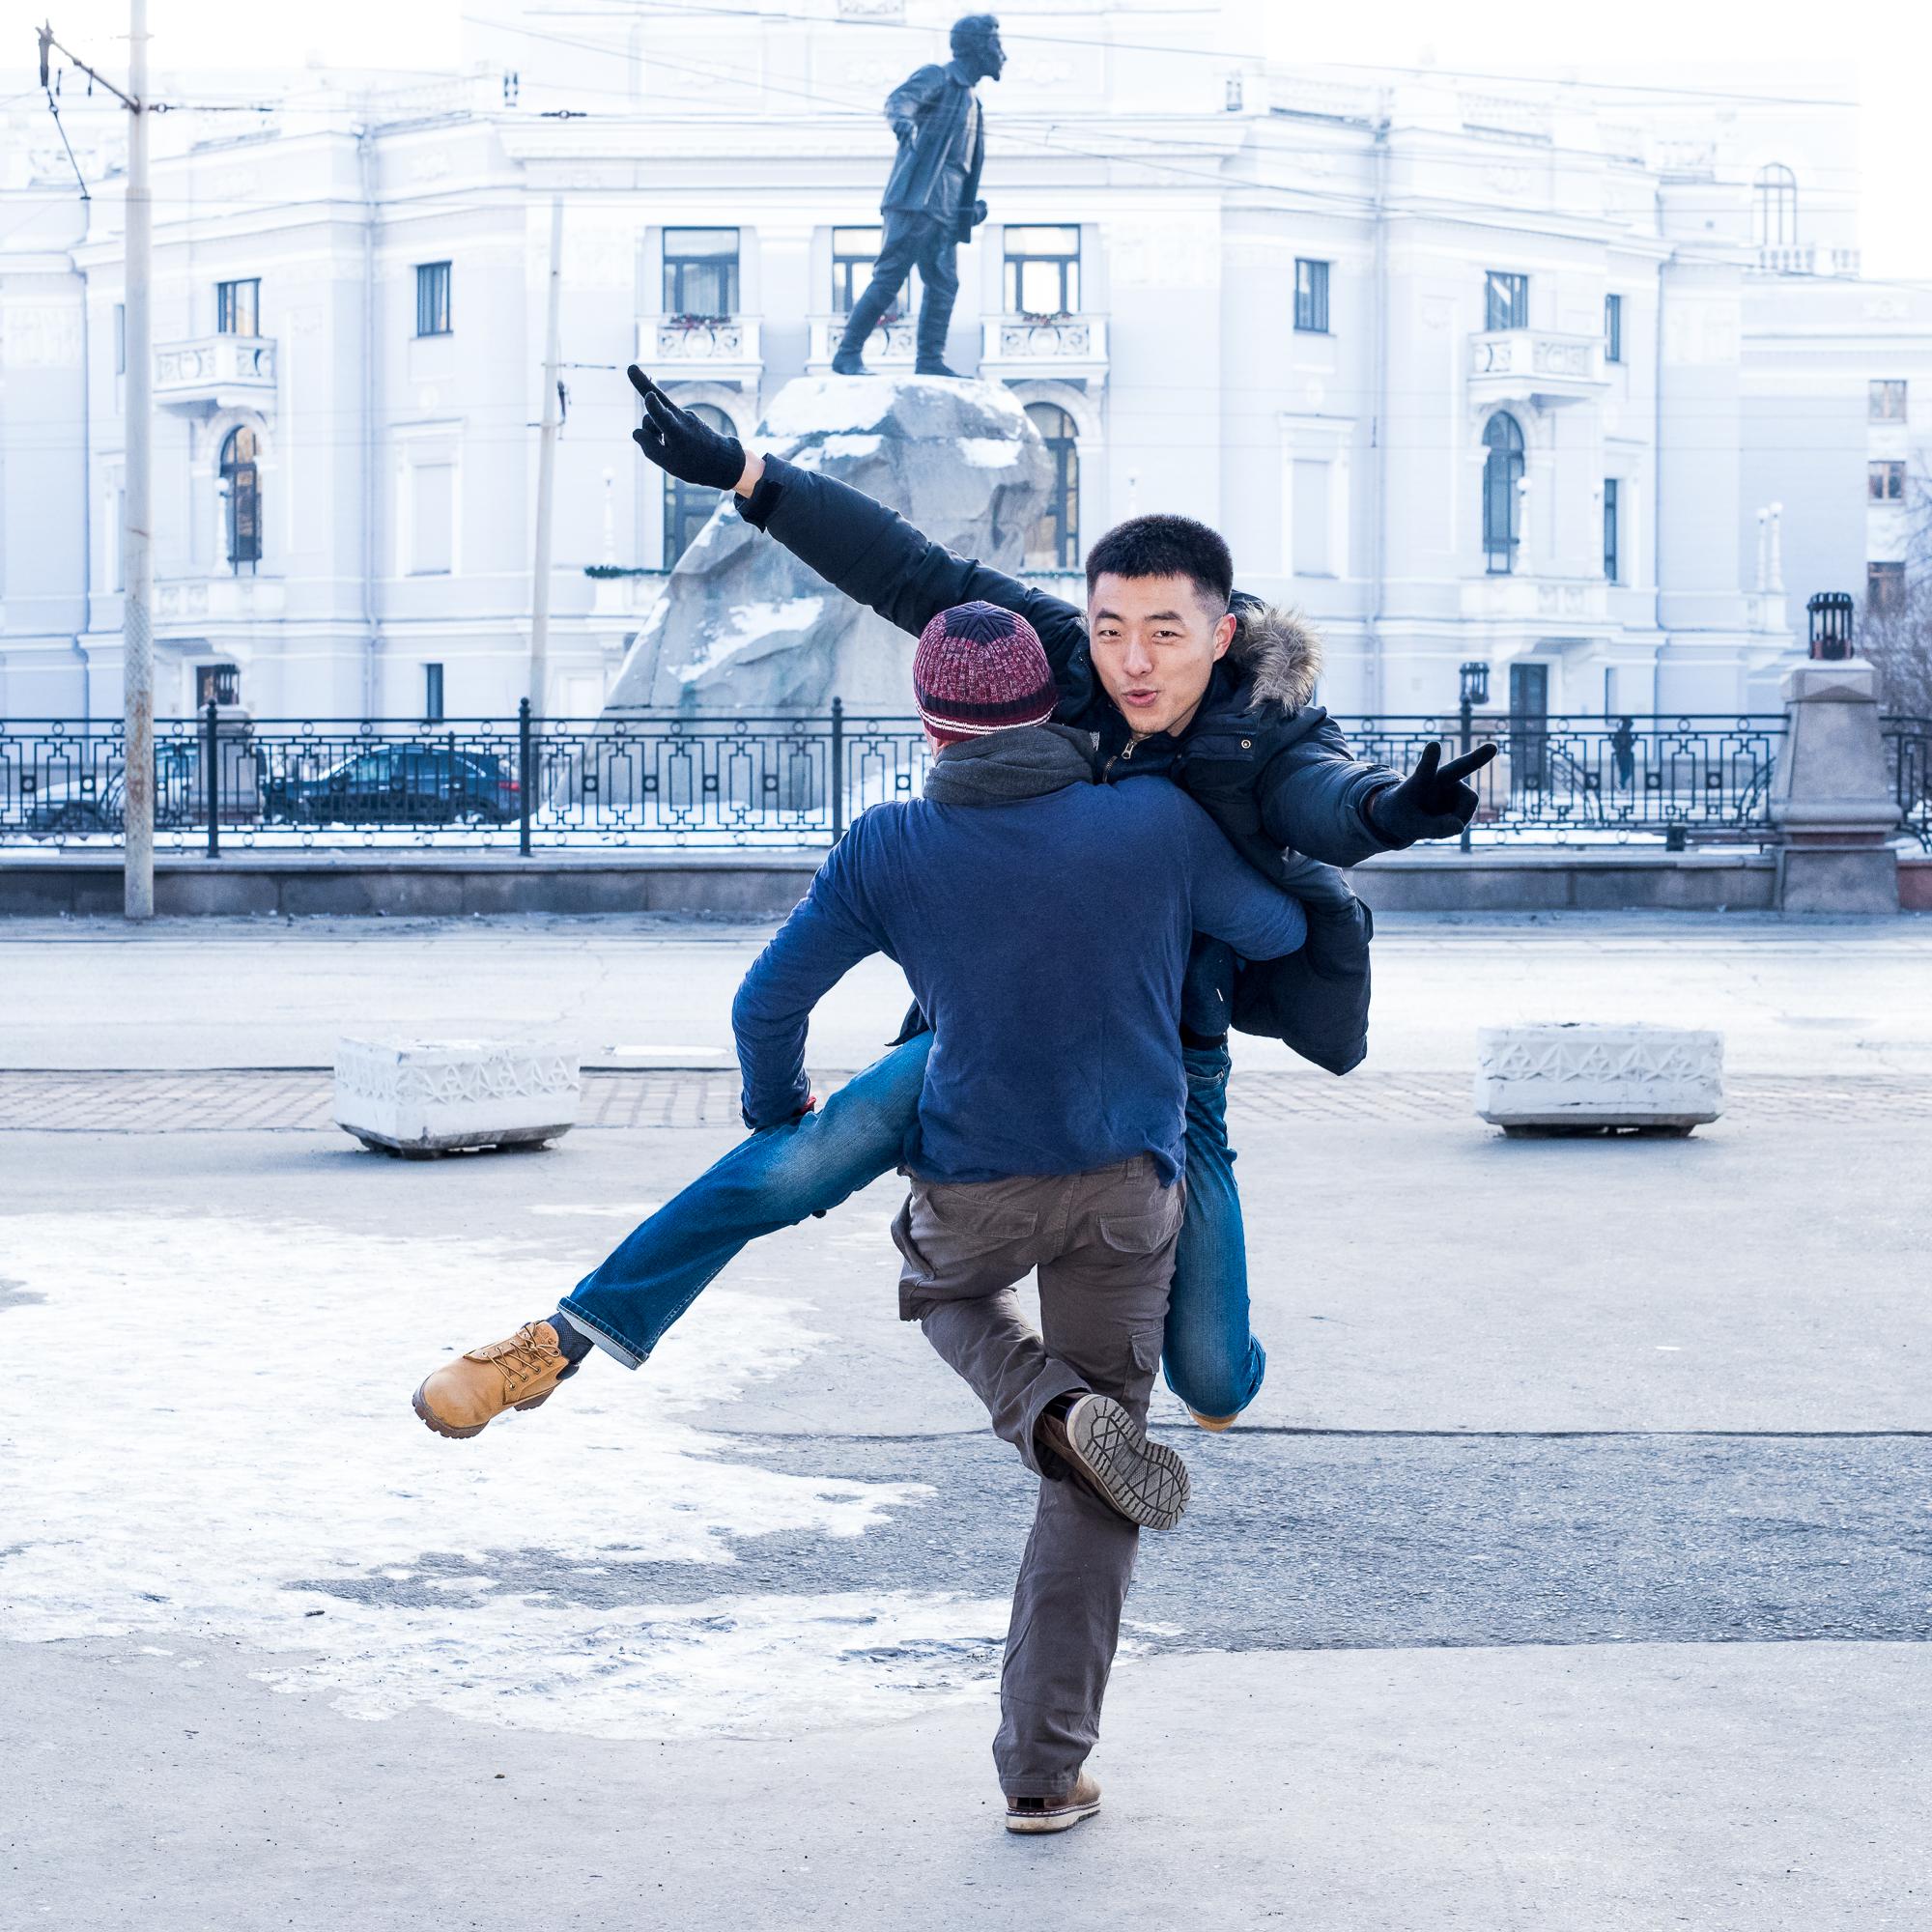 Yekaterinburg_Russia_-8,5°C-2